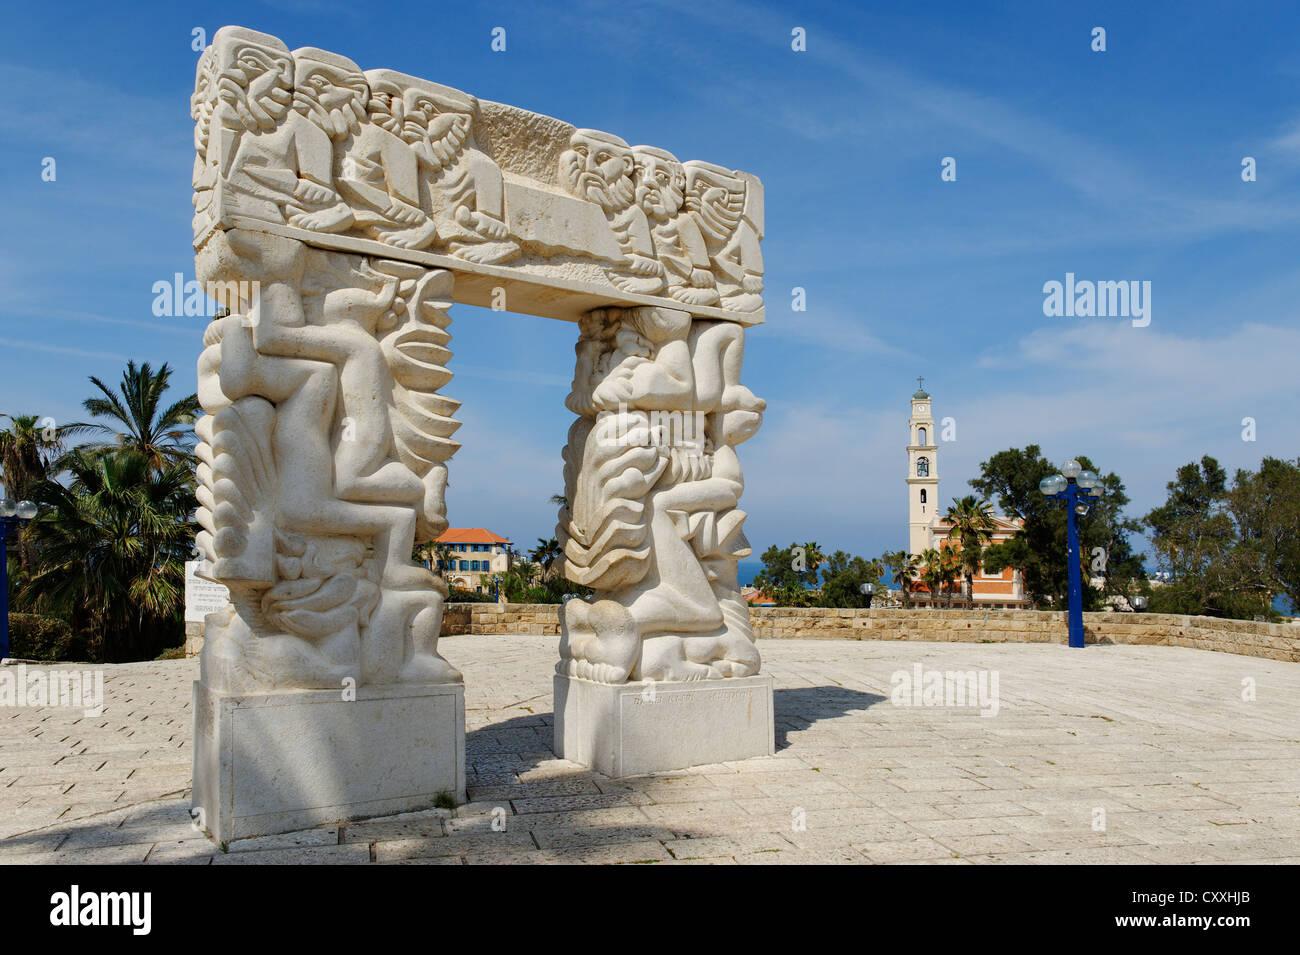 Statue des Glaubens mit St. Peter Kirche, Jaffa, Tel Aviv, Israel, Nahost Stockbild